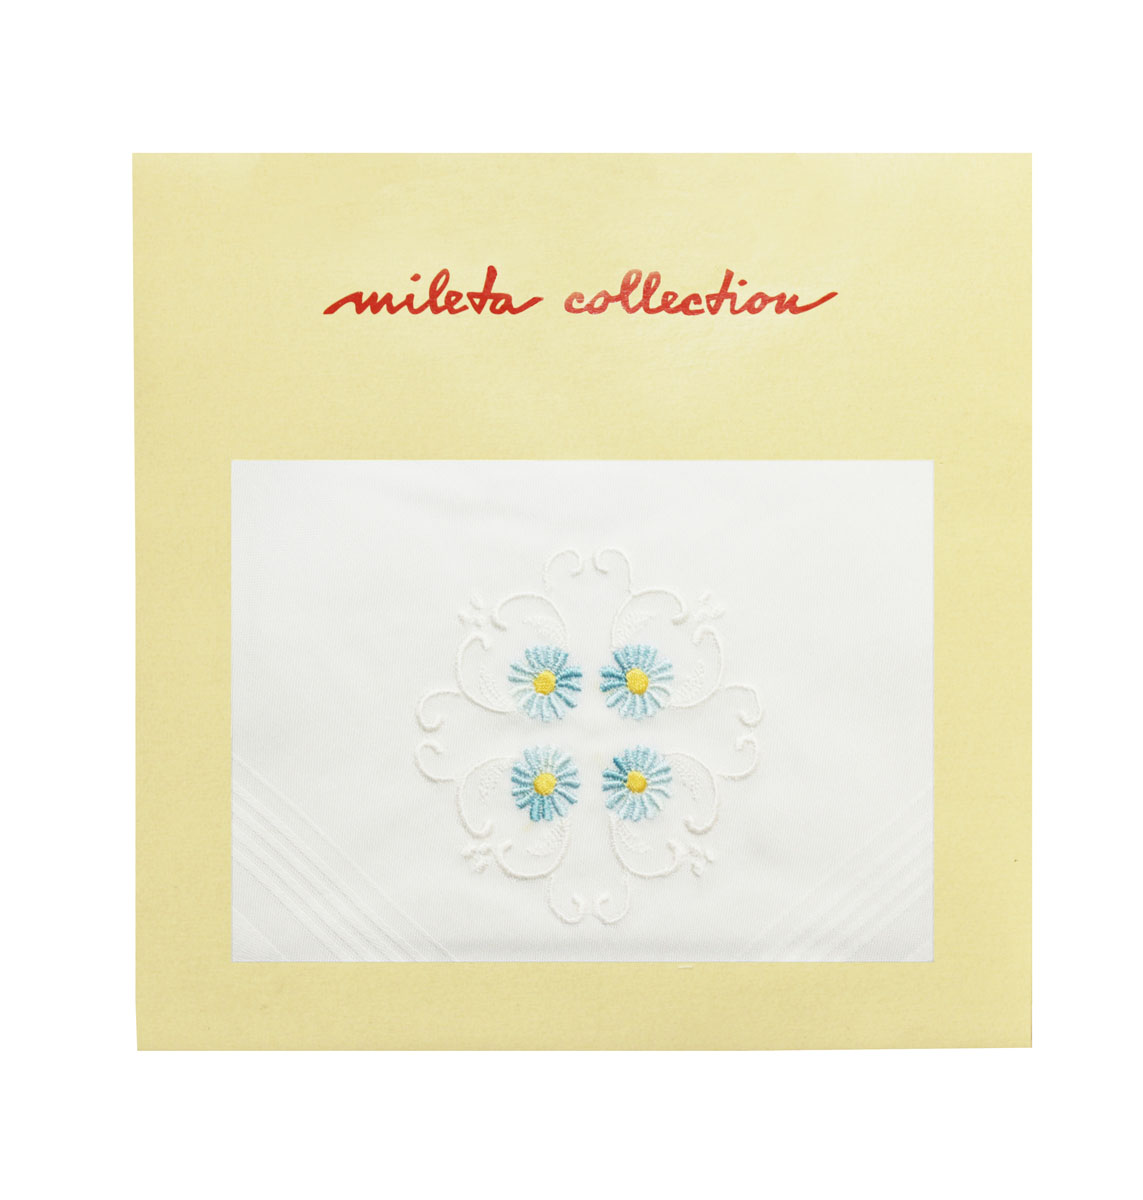 Платок носовой женский Zlata Korunka, цвет: белый. 19701-30. Размер 30 см х 30 см39864|Серьги с подвескамиОригинальный женский носовой платок Zlata Korunka изготовлен из высококачественного натурального хлопка, благодаря чему приятен в использовании, хорошо стирается, не садится и отлично впитывает влагу. Практичный и изящный носовой платок будет незаменим в повседневной жизни любого современного человека. Такой платок послужит стильным аксессуаром и подчеркнет ваше превосходное чувство вкуса.